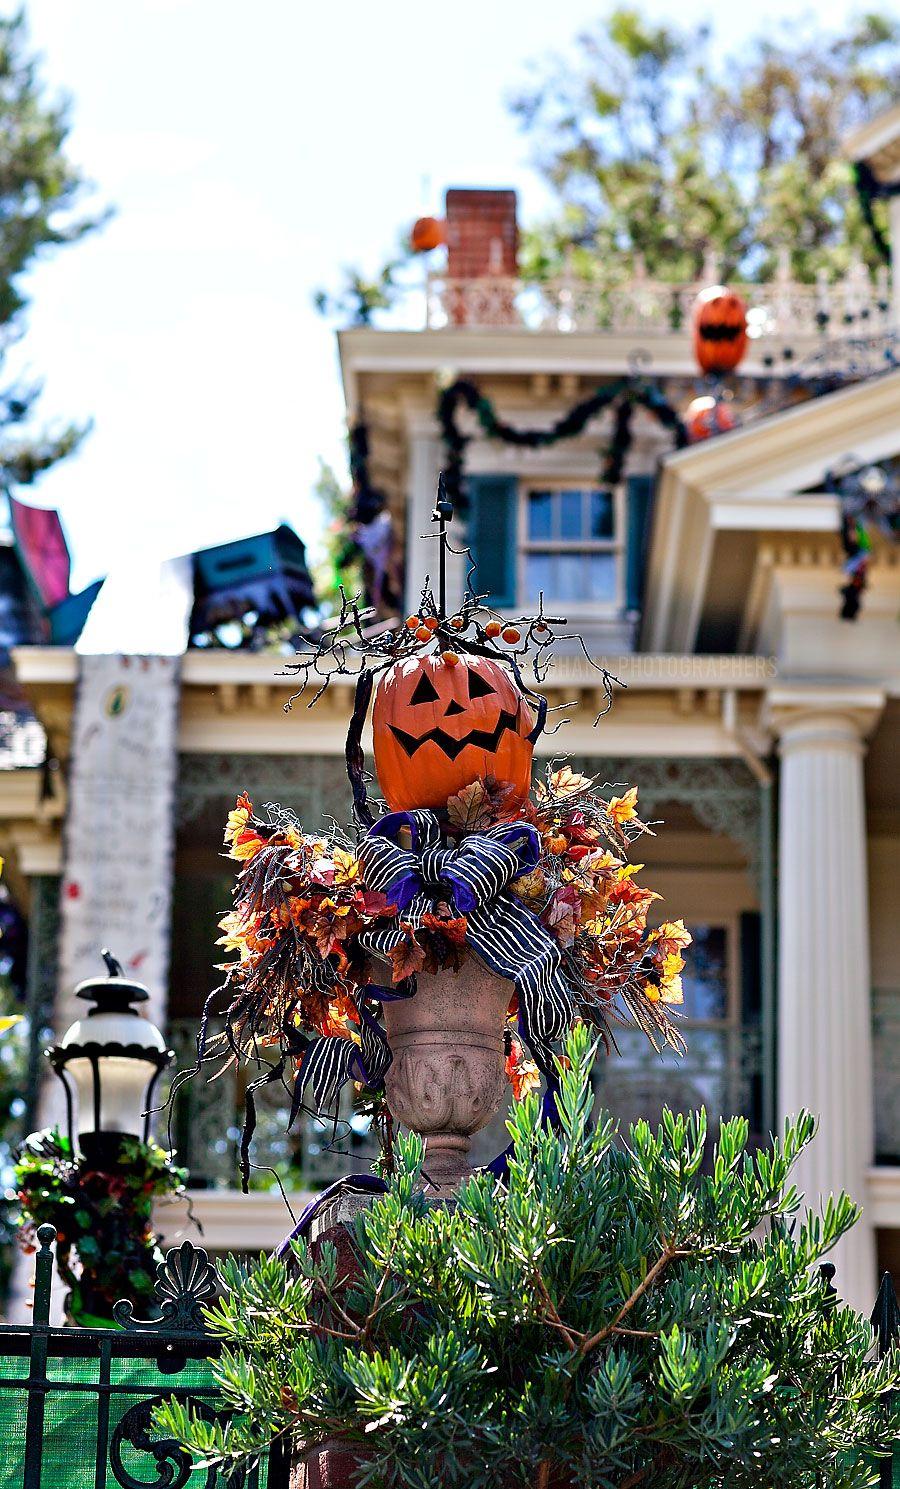 Disneyland Haunted Mansion Holiday At